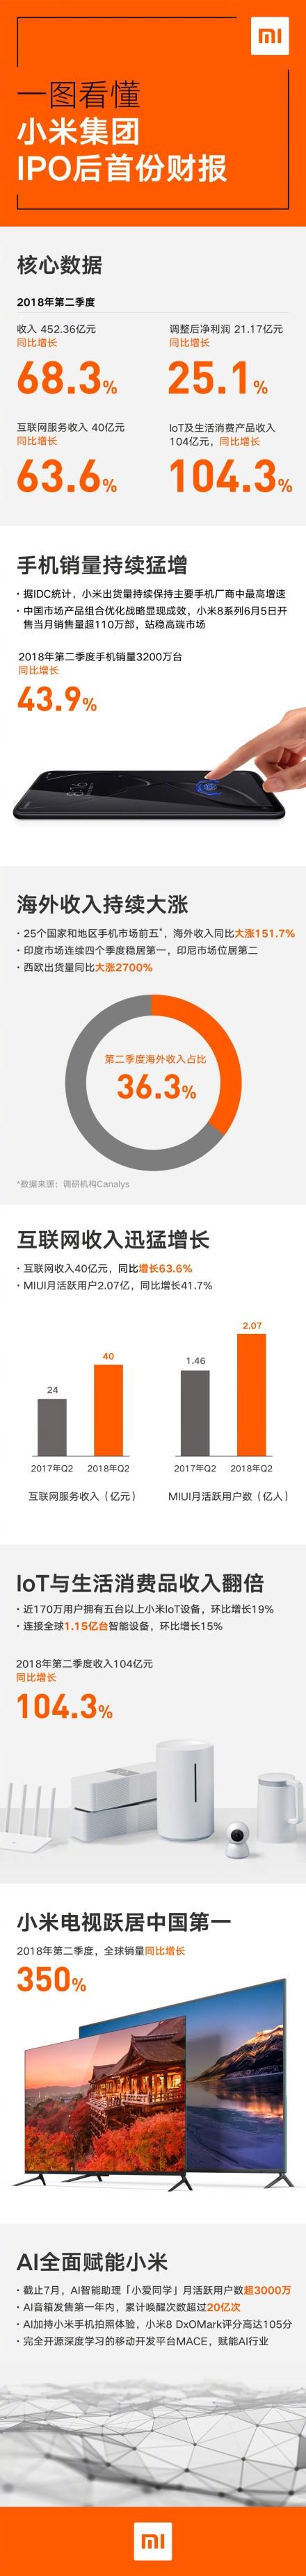 小米公布上市后首份财报:Q2收入同比猛增68.3% 手机销量/售价大涨